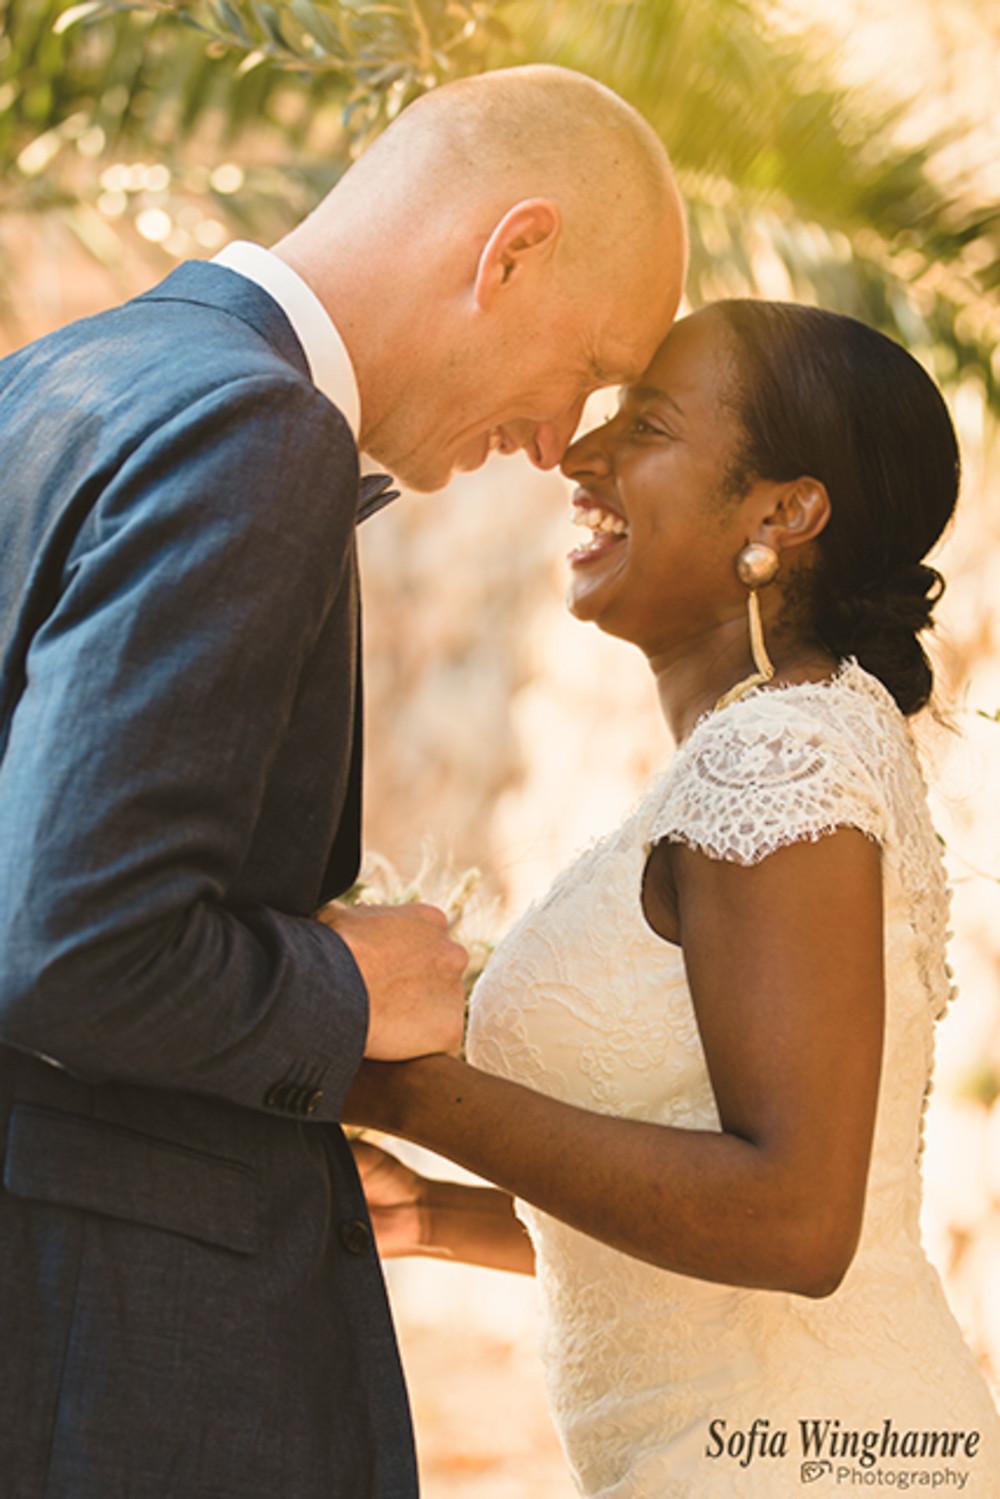 svensk bröllops fotograf på Mallorca